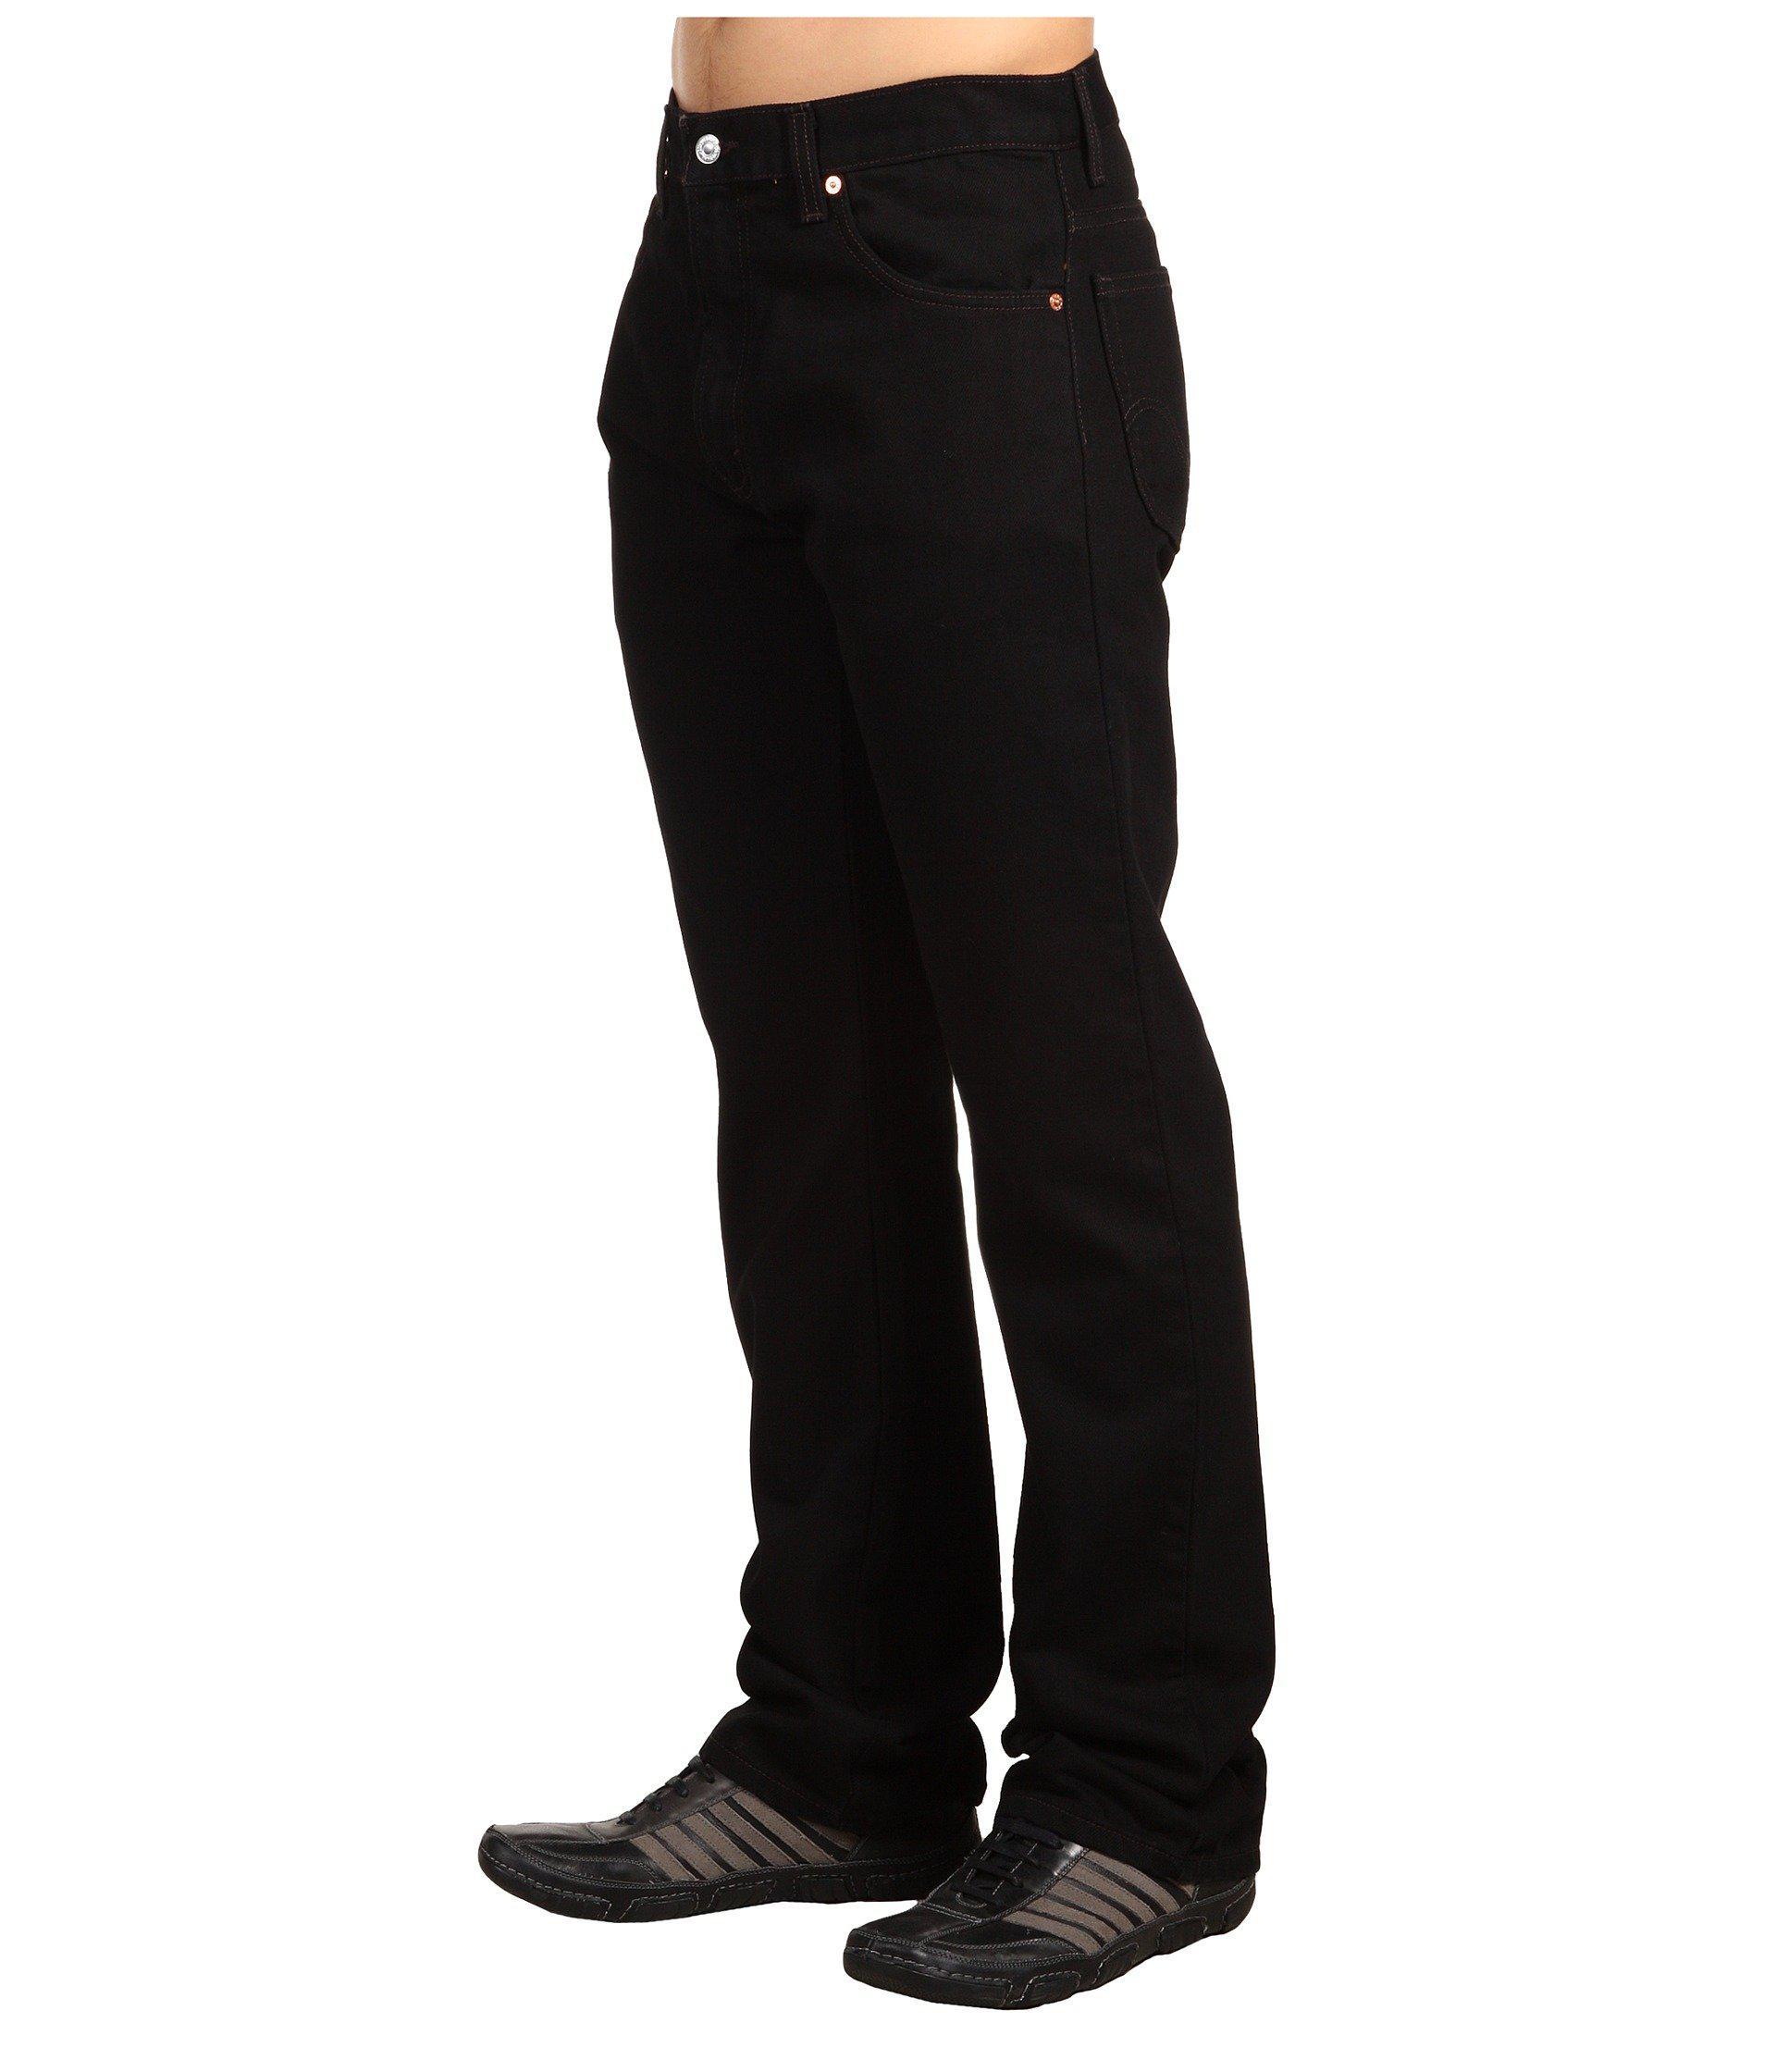 796c8b8cd39 Lyst - Levi S Levi s(r) Mens 517(r) Boot Cut (rinse) Men s Jeans in Black  for Men